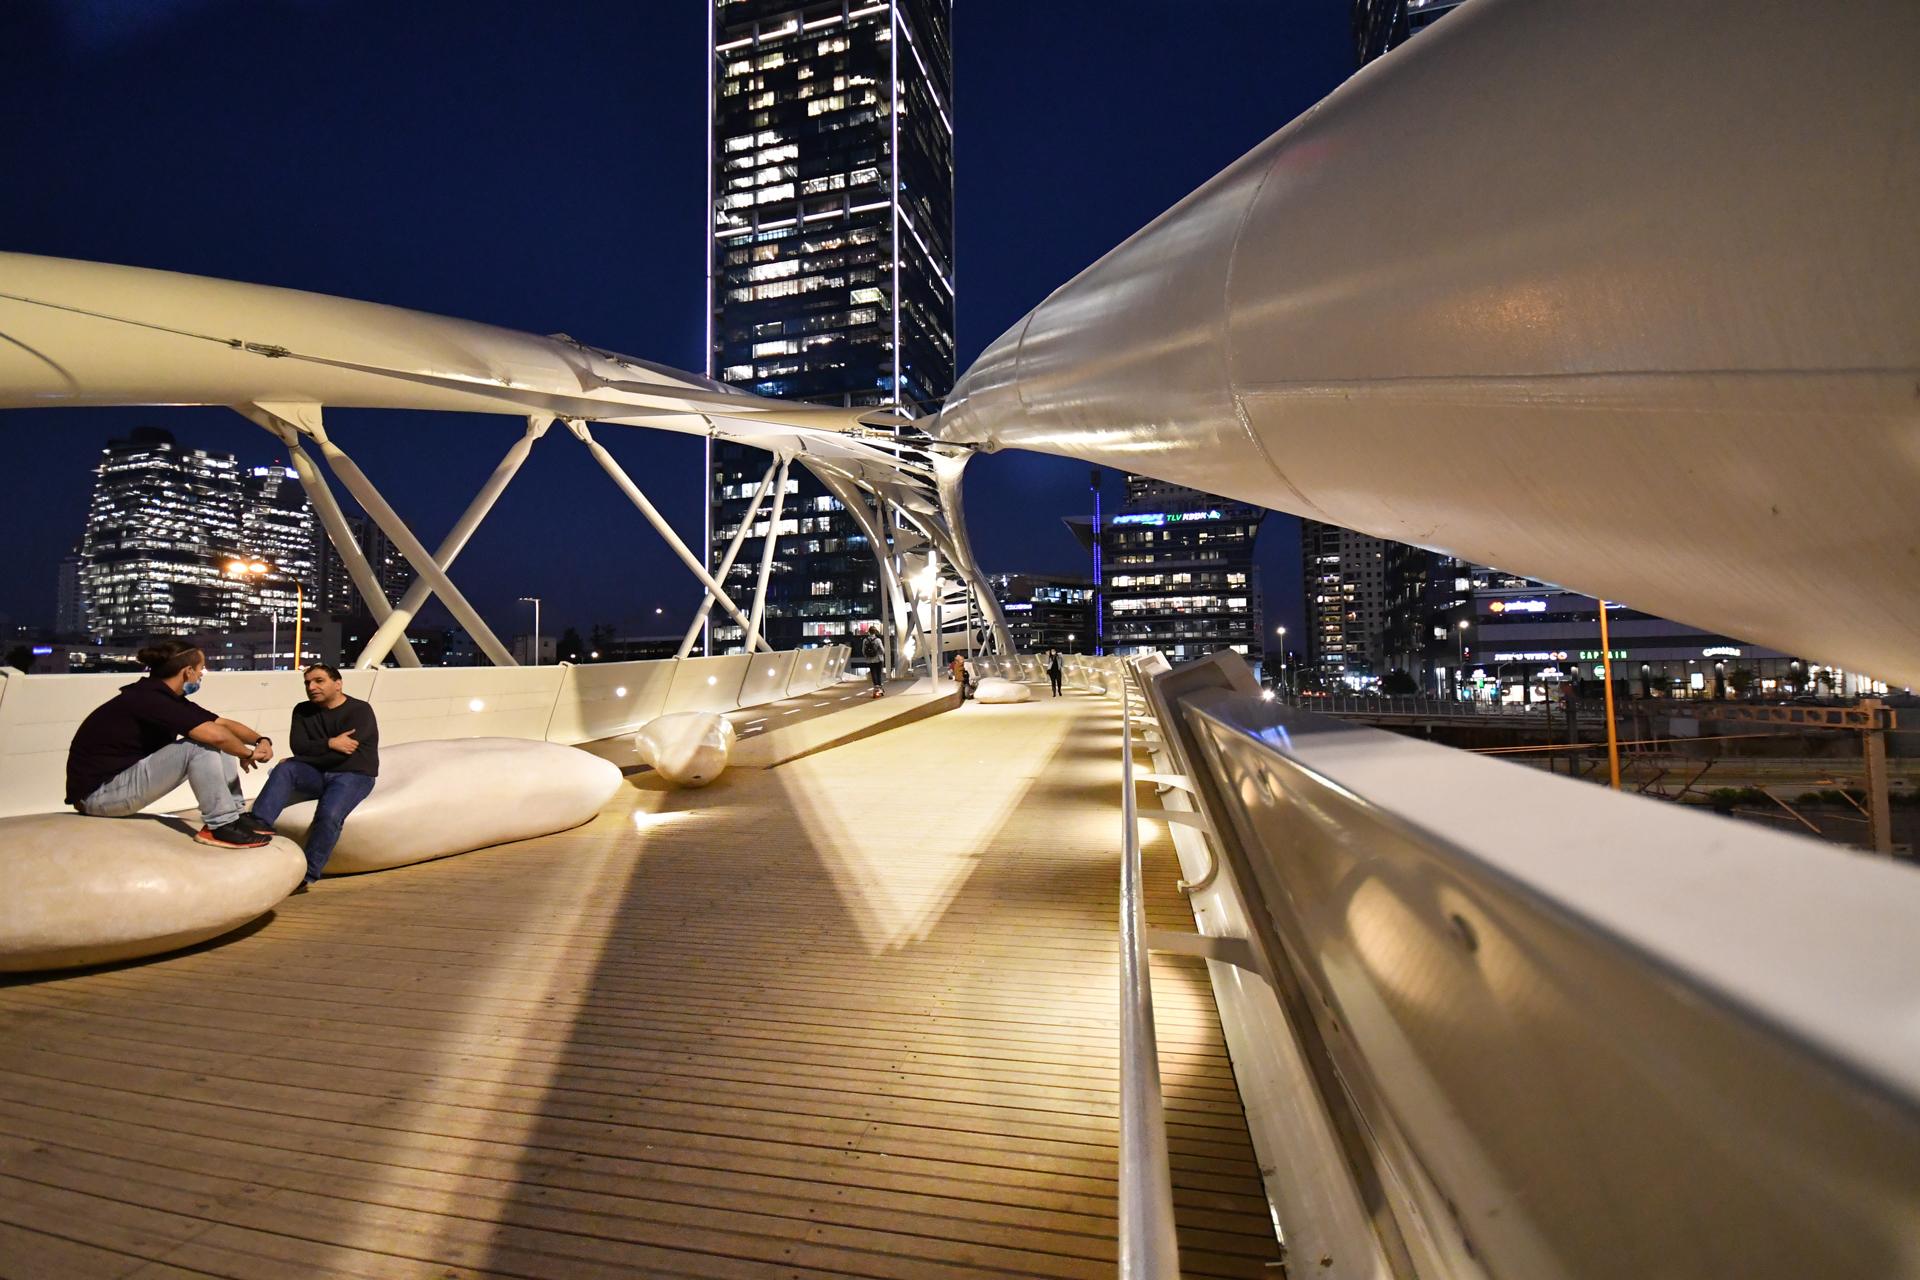 גשר יהודית - תל אביב - 21 לדצמבר - מגשרים - יואל שתרוג - אדמה יוצרת - yoel sitruk